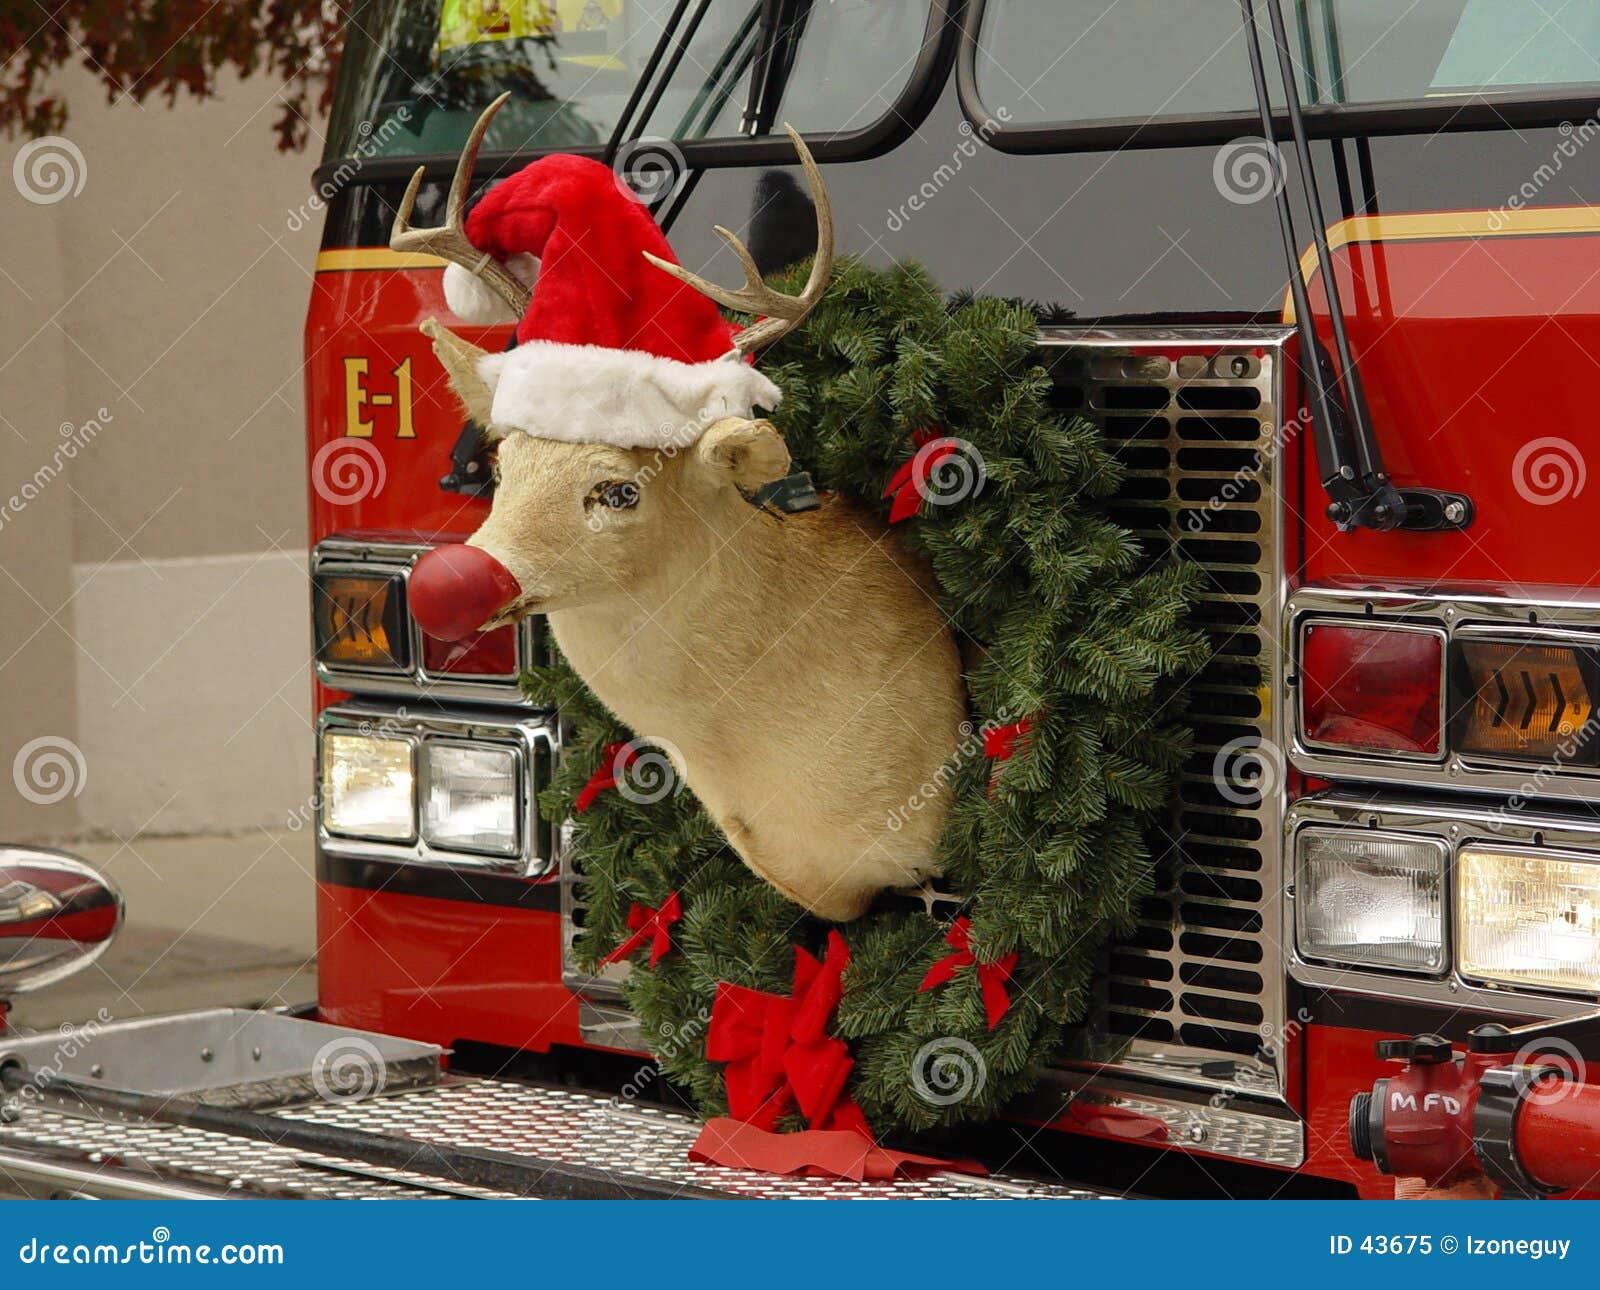 Firetruckren